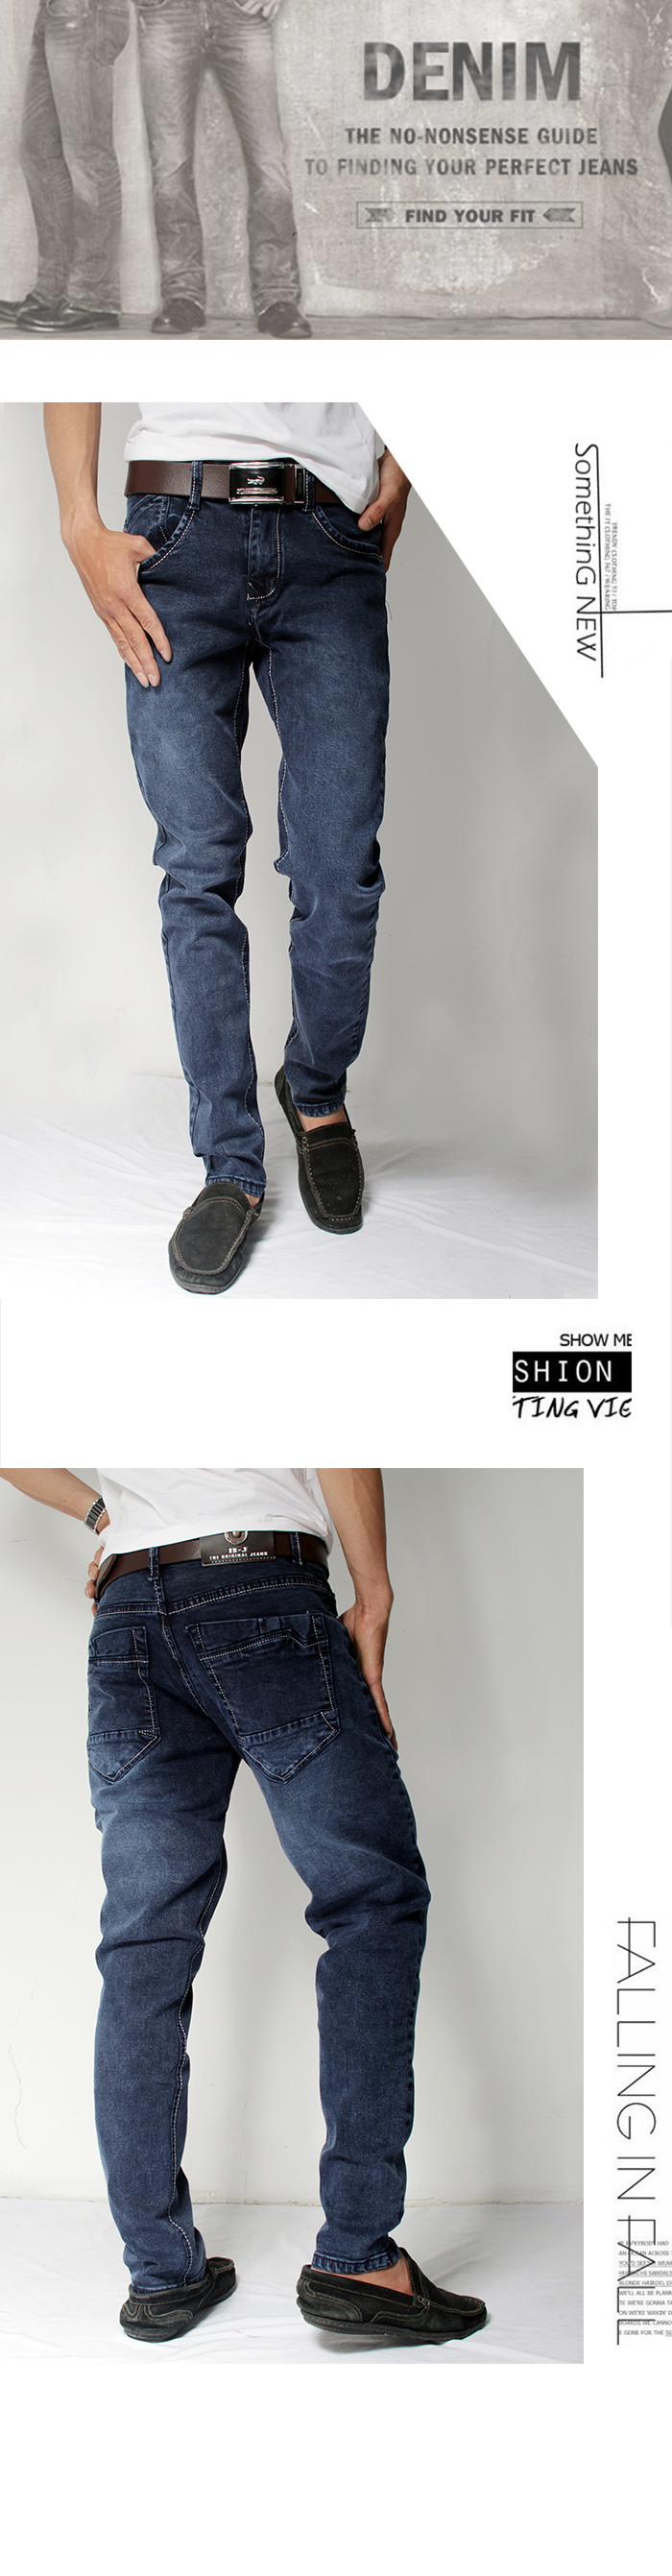 Quần jean xanh đen qj1129 - 1